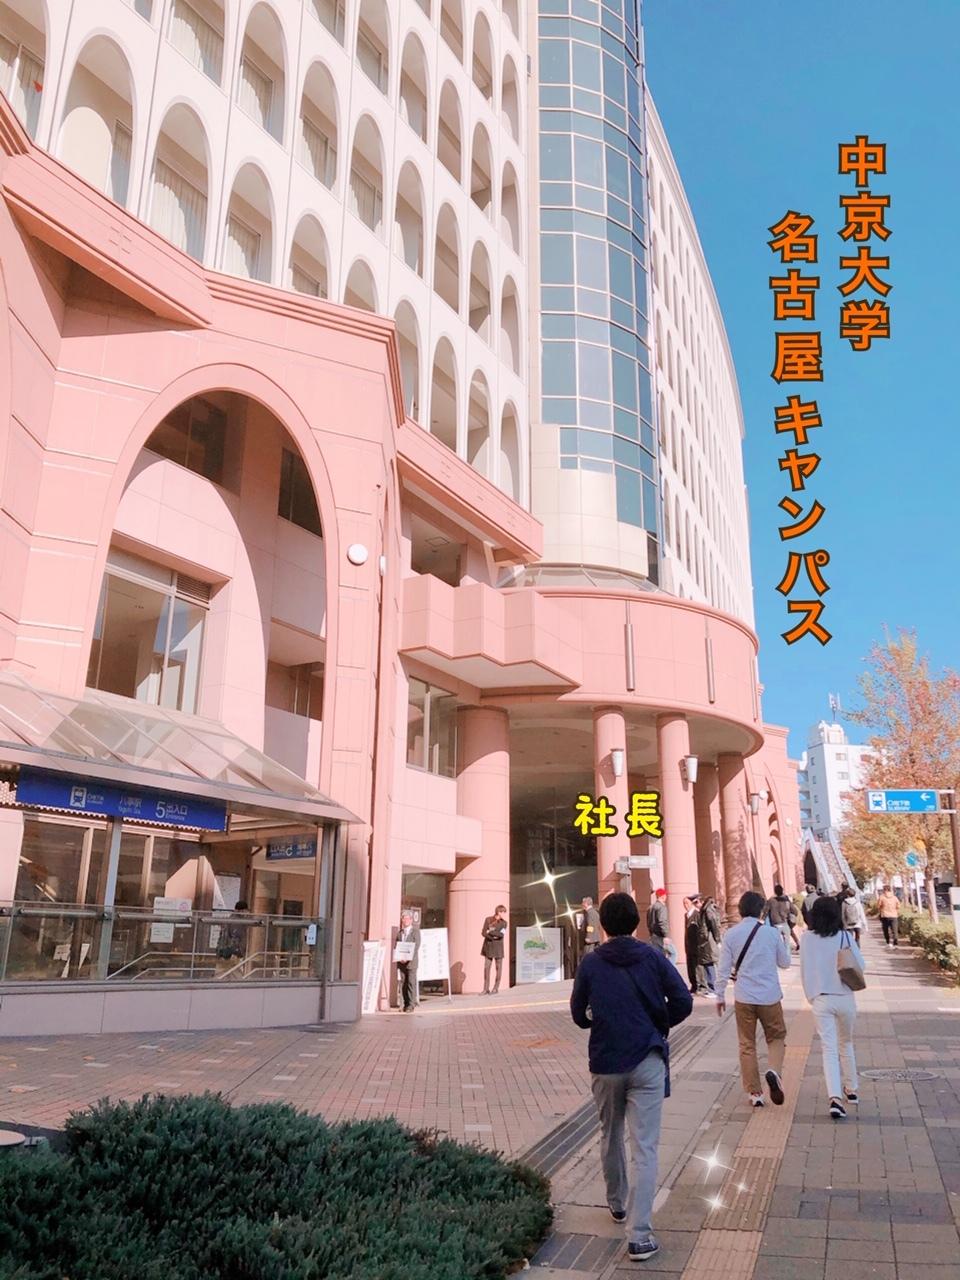 名古屋に行ってまいりました♪_b0208246_11575261.jpg